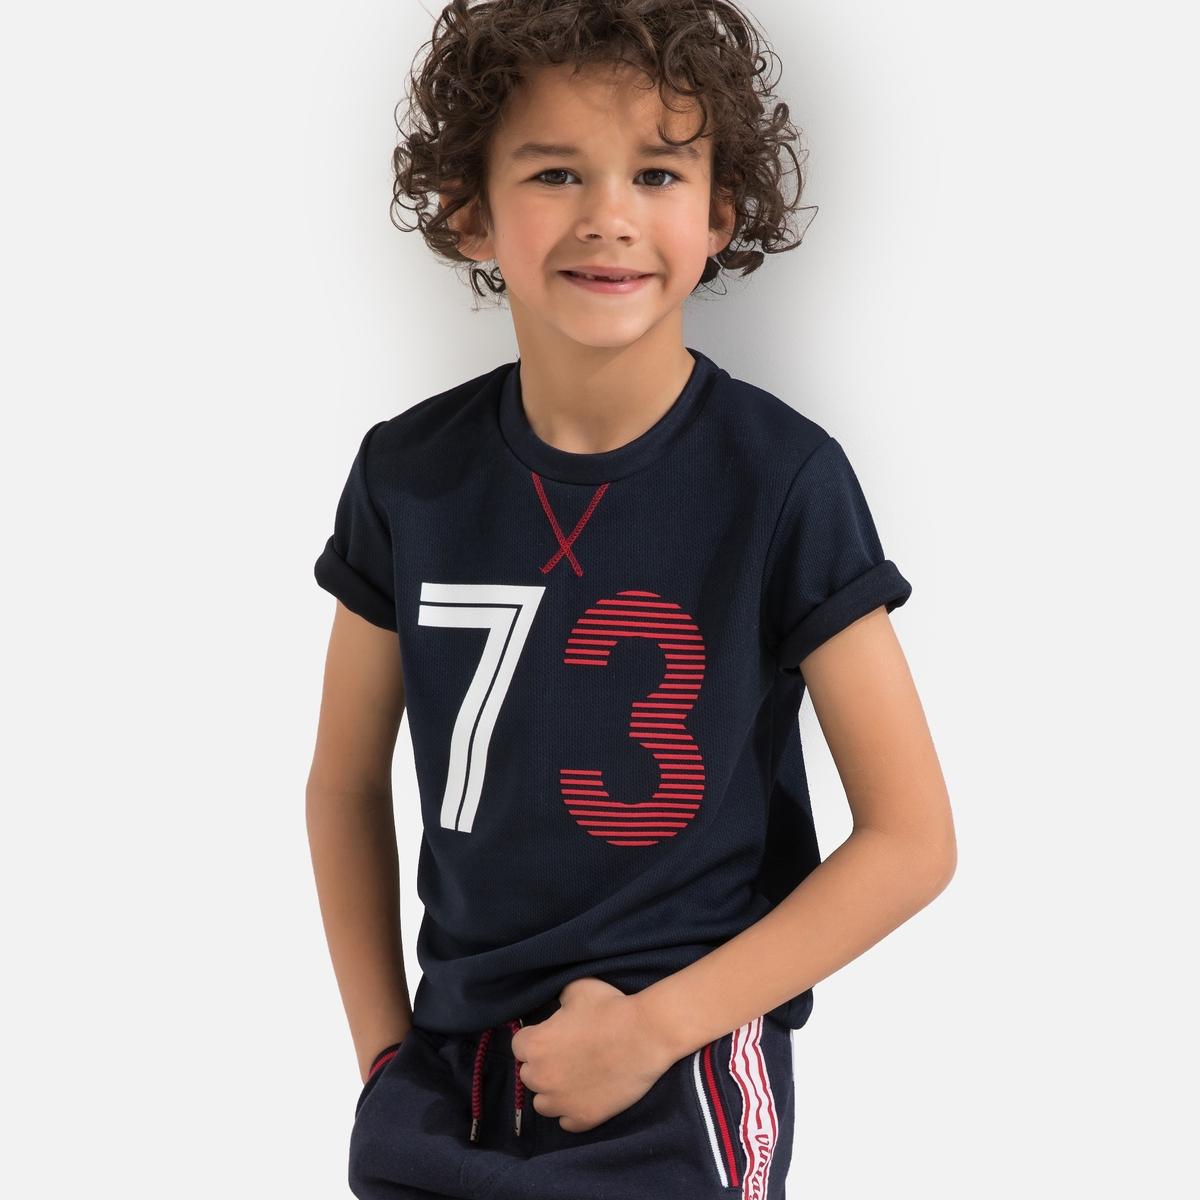 Футболка La Redoute Спортивная 3 года - 94 см синий спортивная футболка lining ahsh963 1 2 3